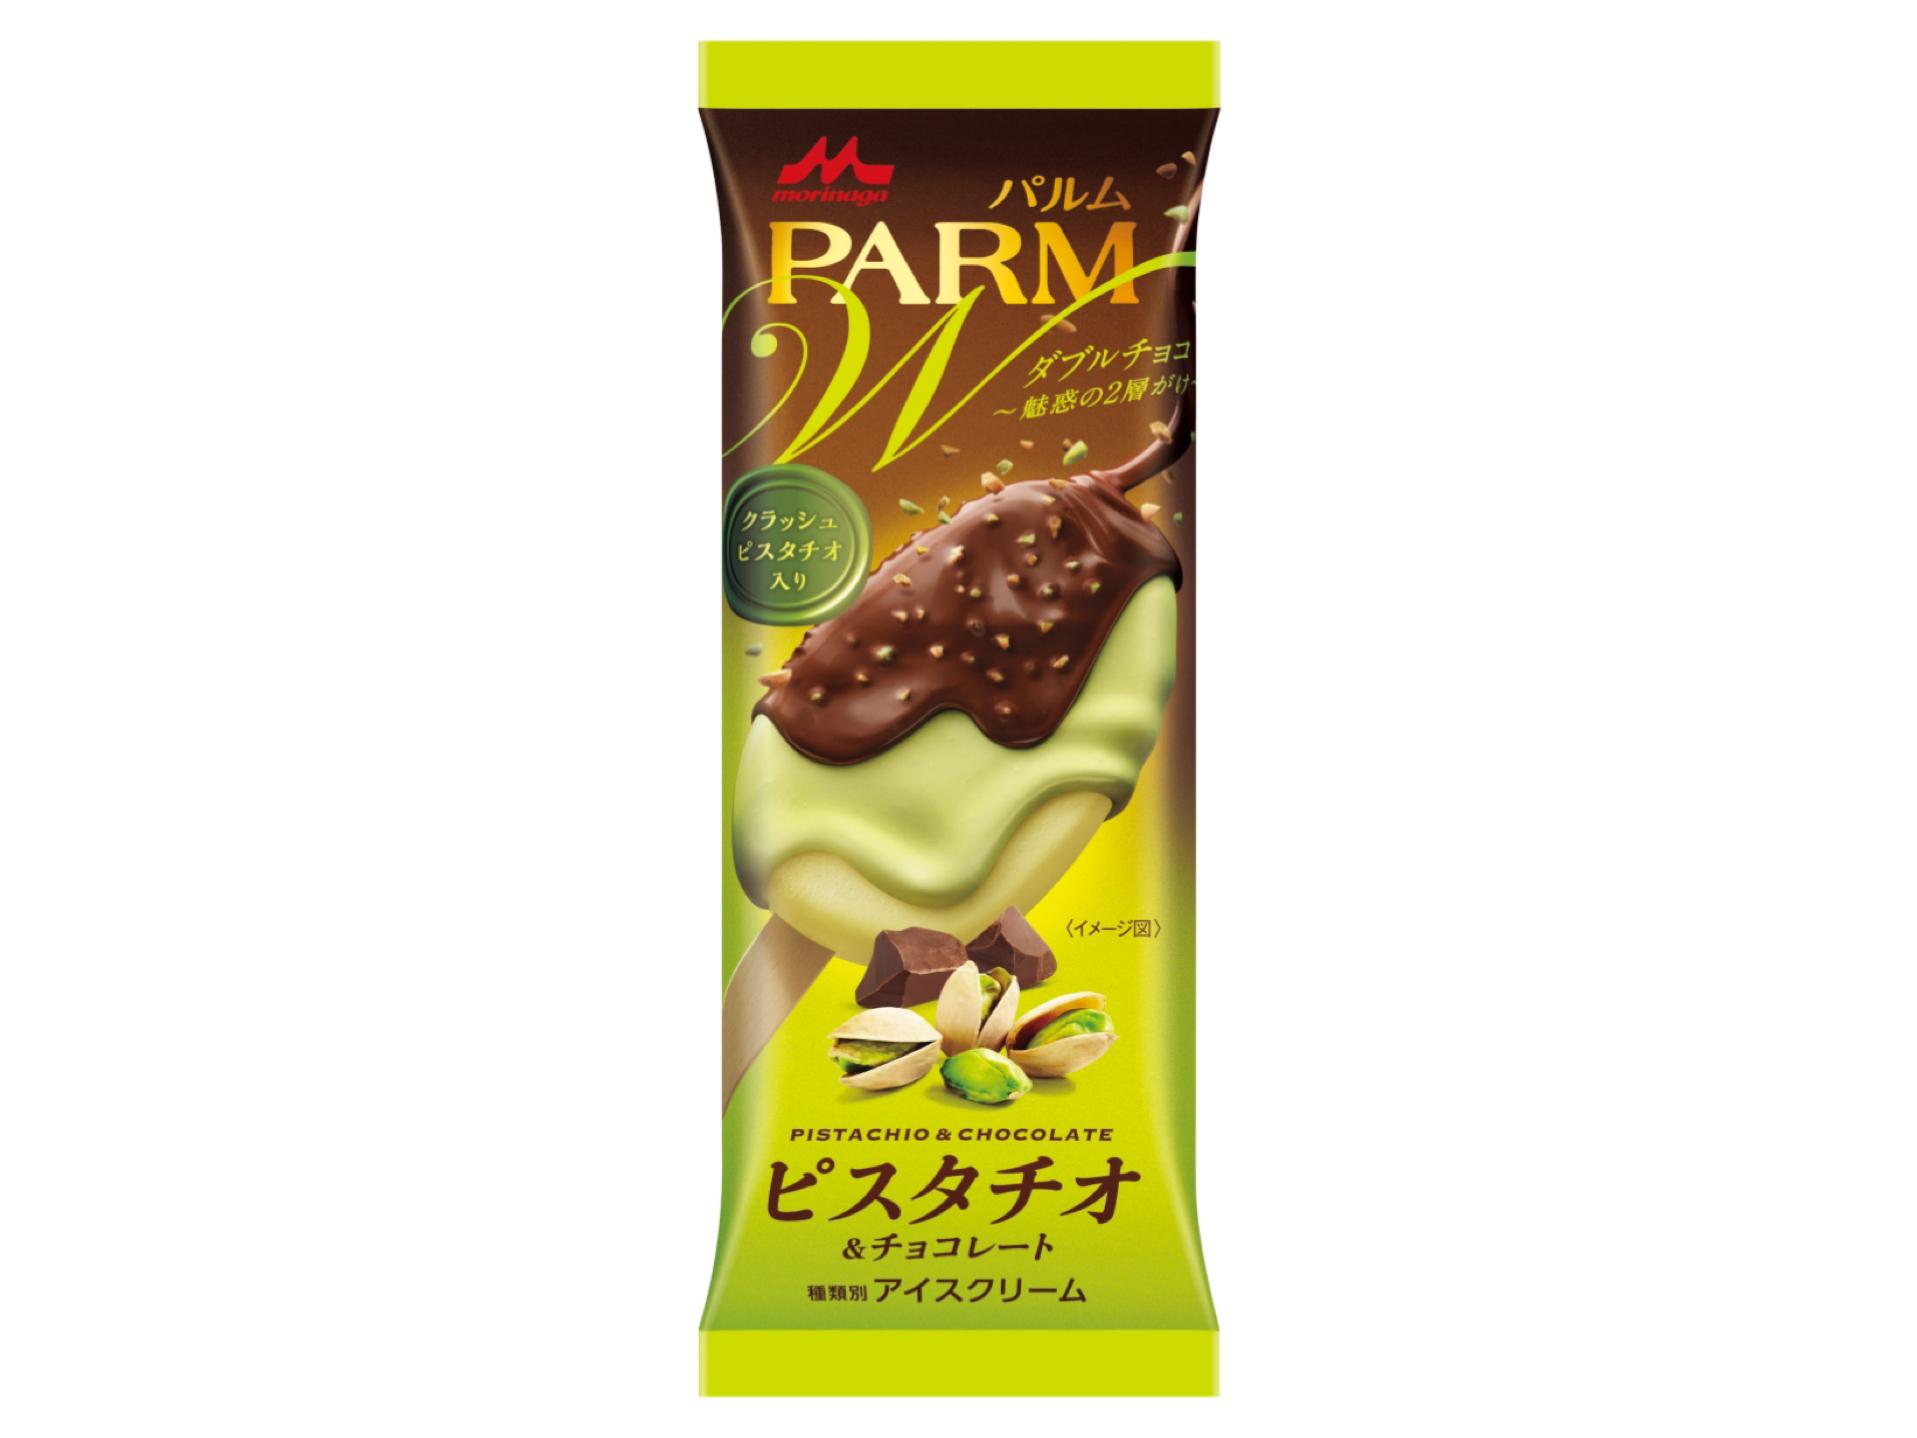 \パルムから新商品✨/2層のコーティングチョコ🤎「PARM ダブルチョコ ピスタチオ&チョコレート」が発売🍨🍫💚